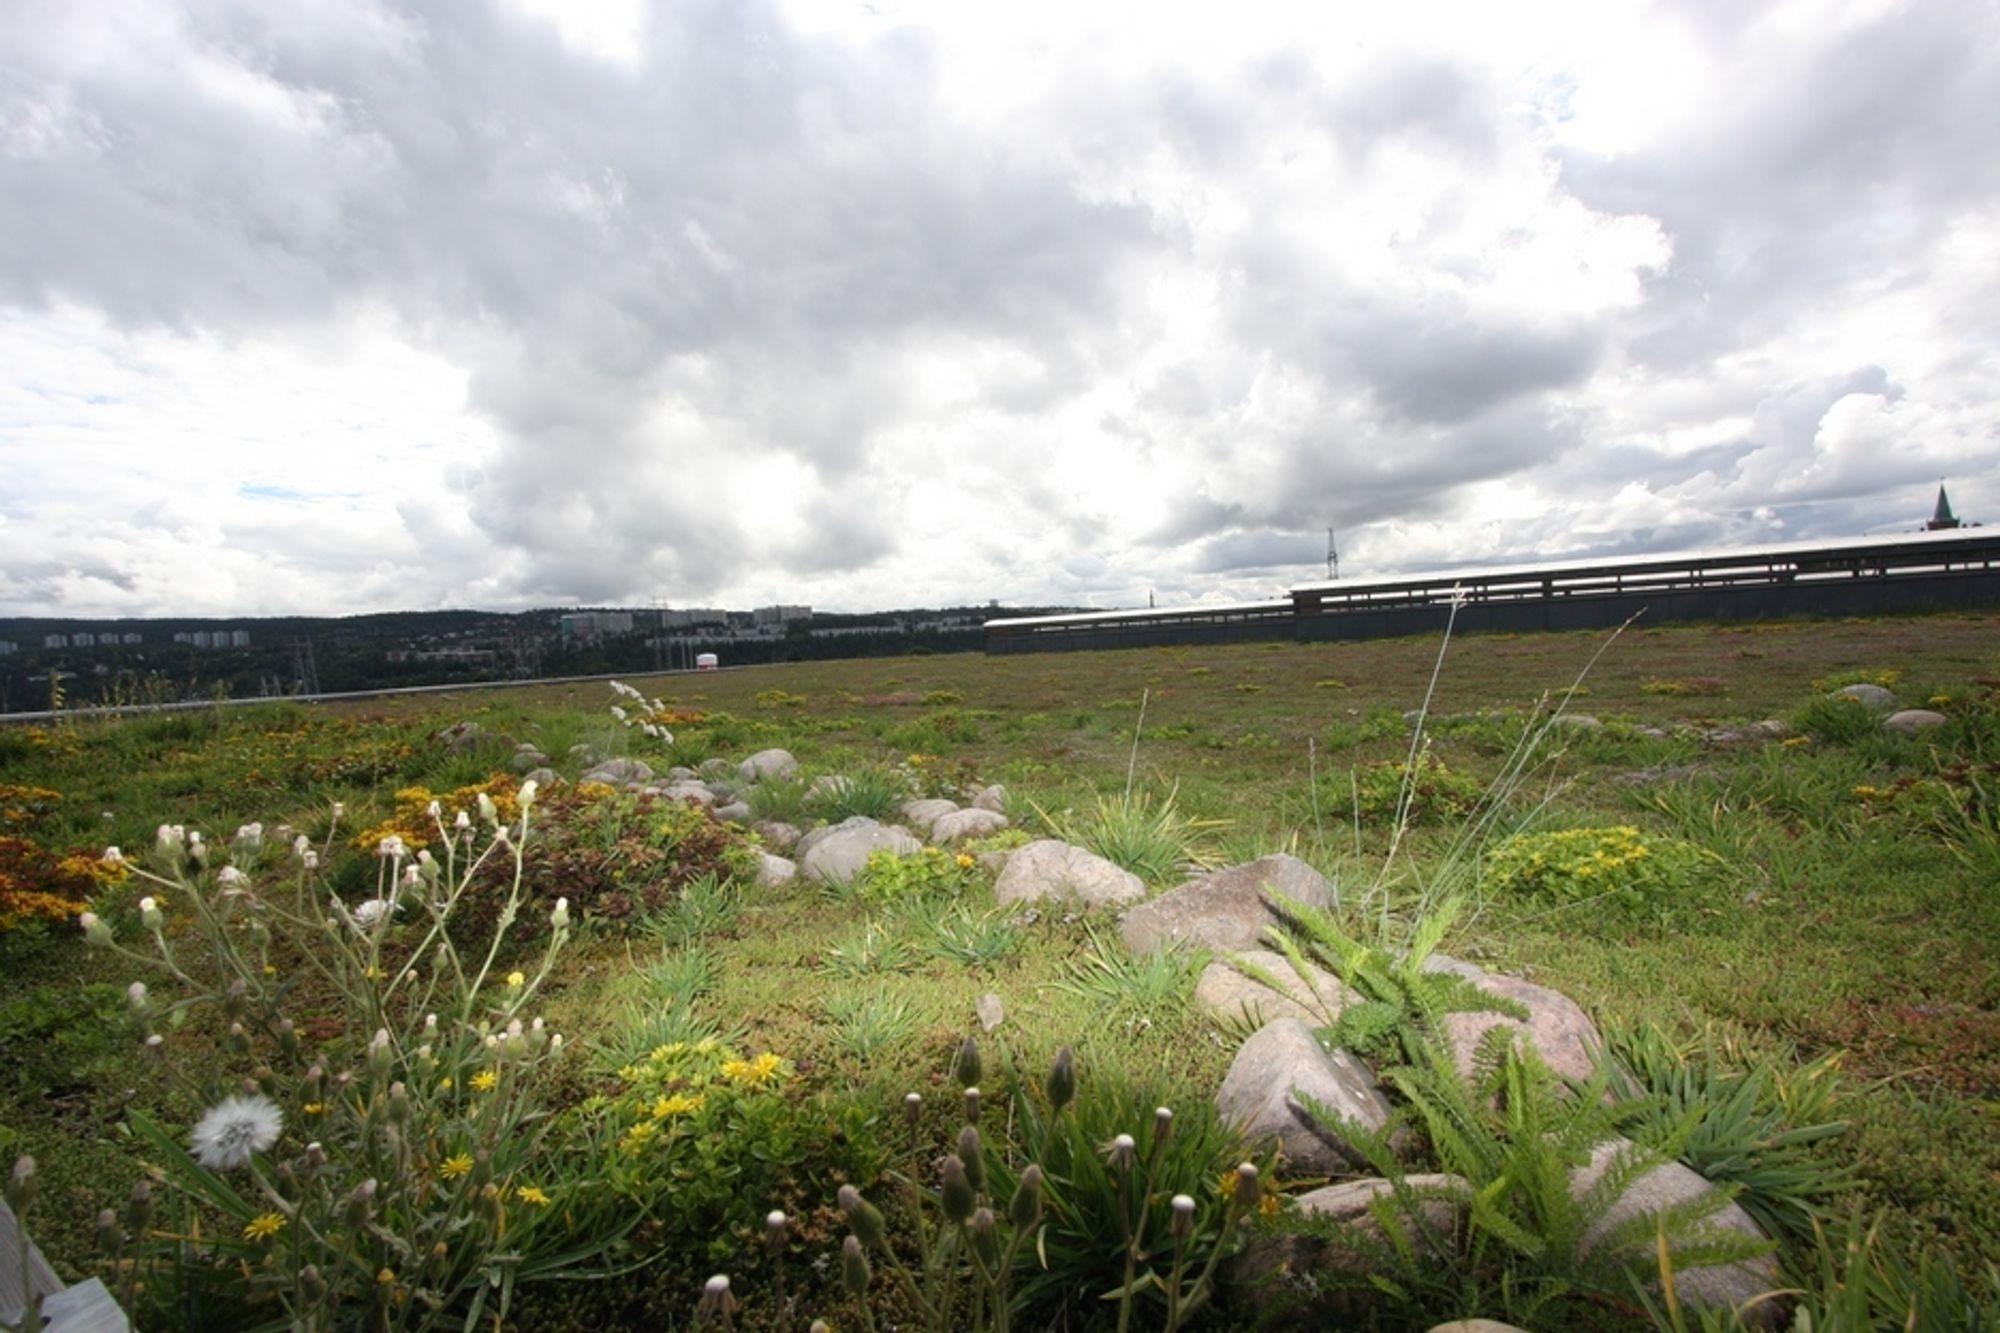 NORDENS STØRSTE: Fra bakken synes det overhodet ikke, det 28000 kvadratmeter store grøntanlegget på taket til Veolias miljøanlegg. Taket erstatter manglende naturlig drenering av regnvann til grunnen. Plantene tar opp til 50 prosent av vannet  og forsinker avrenningen av resten.